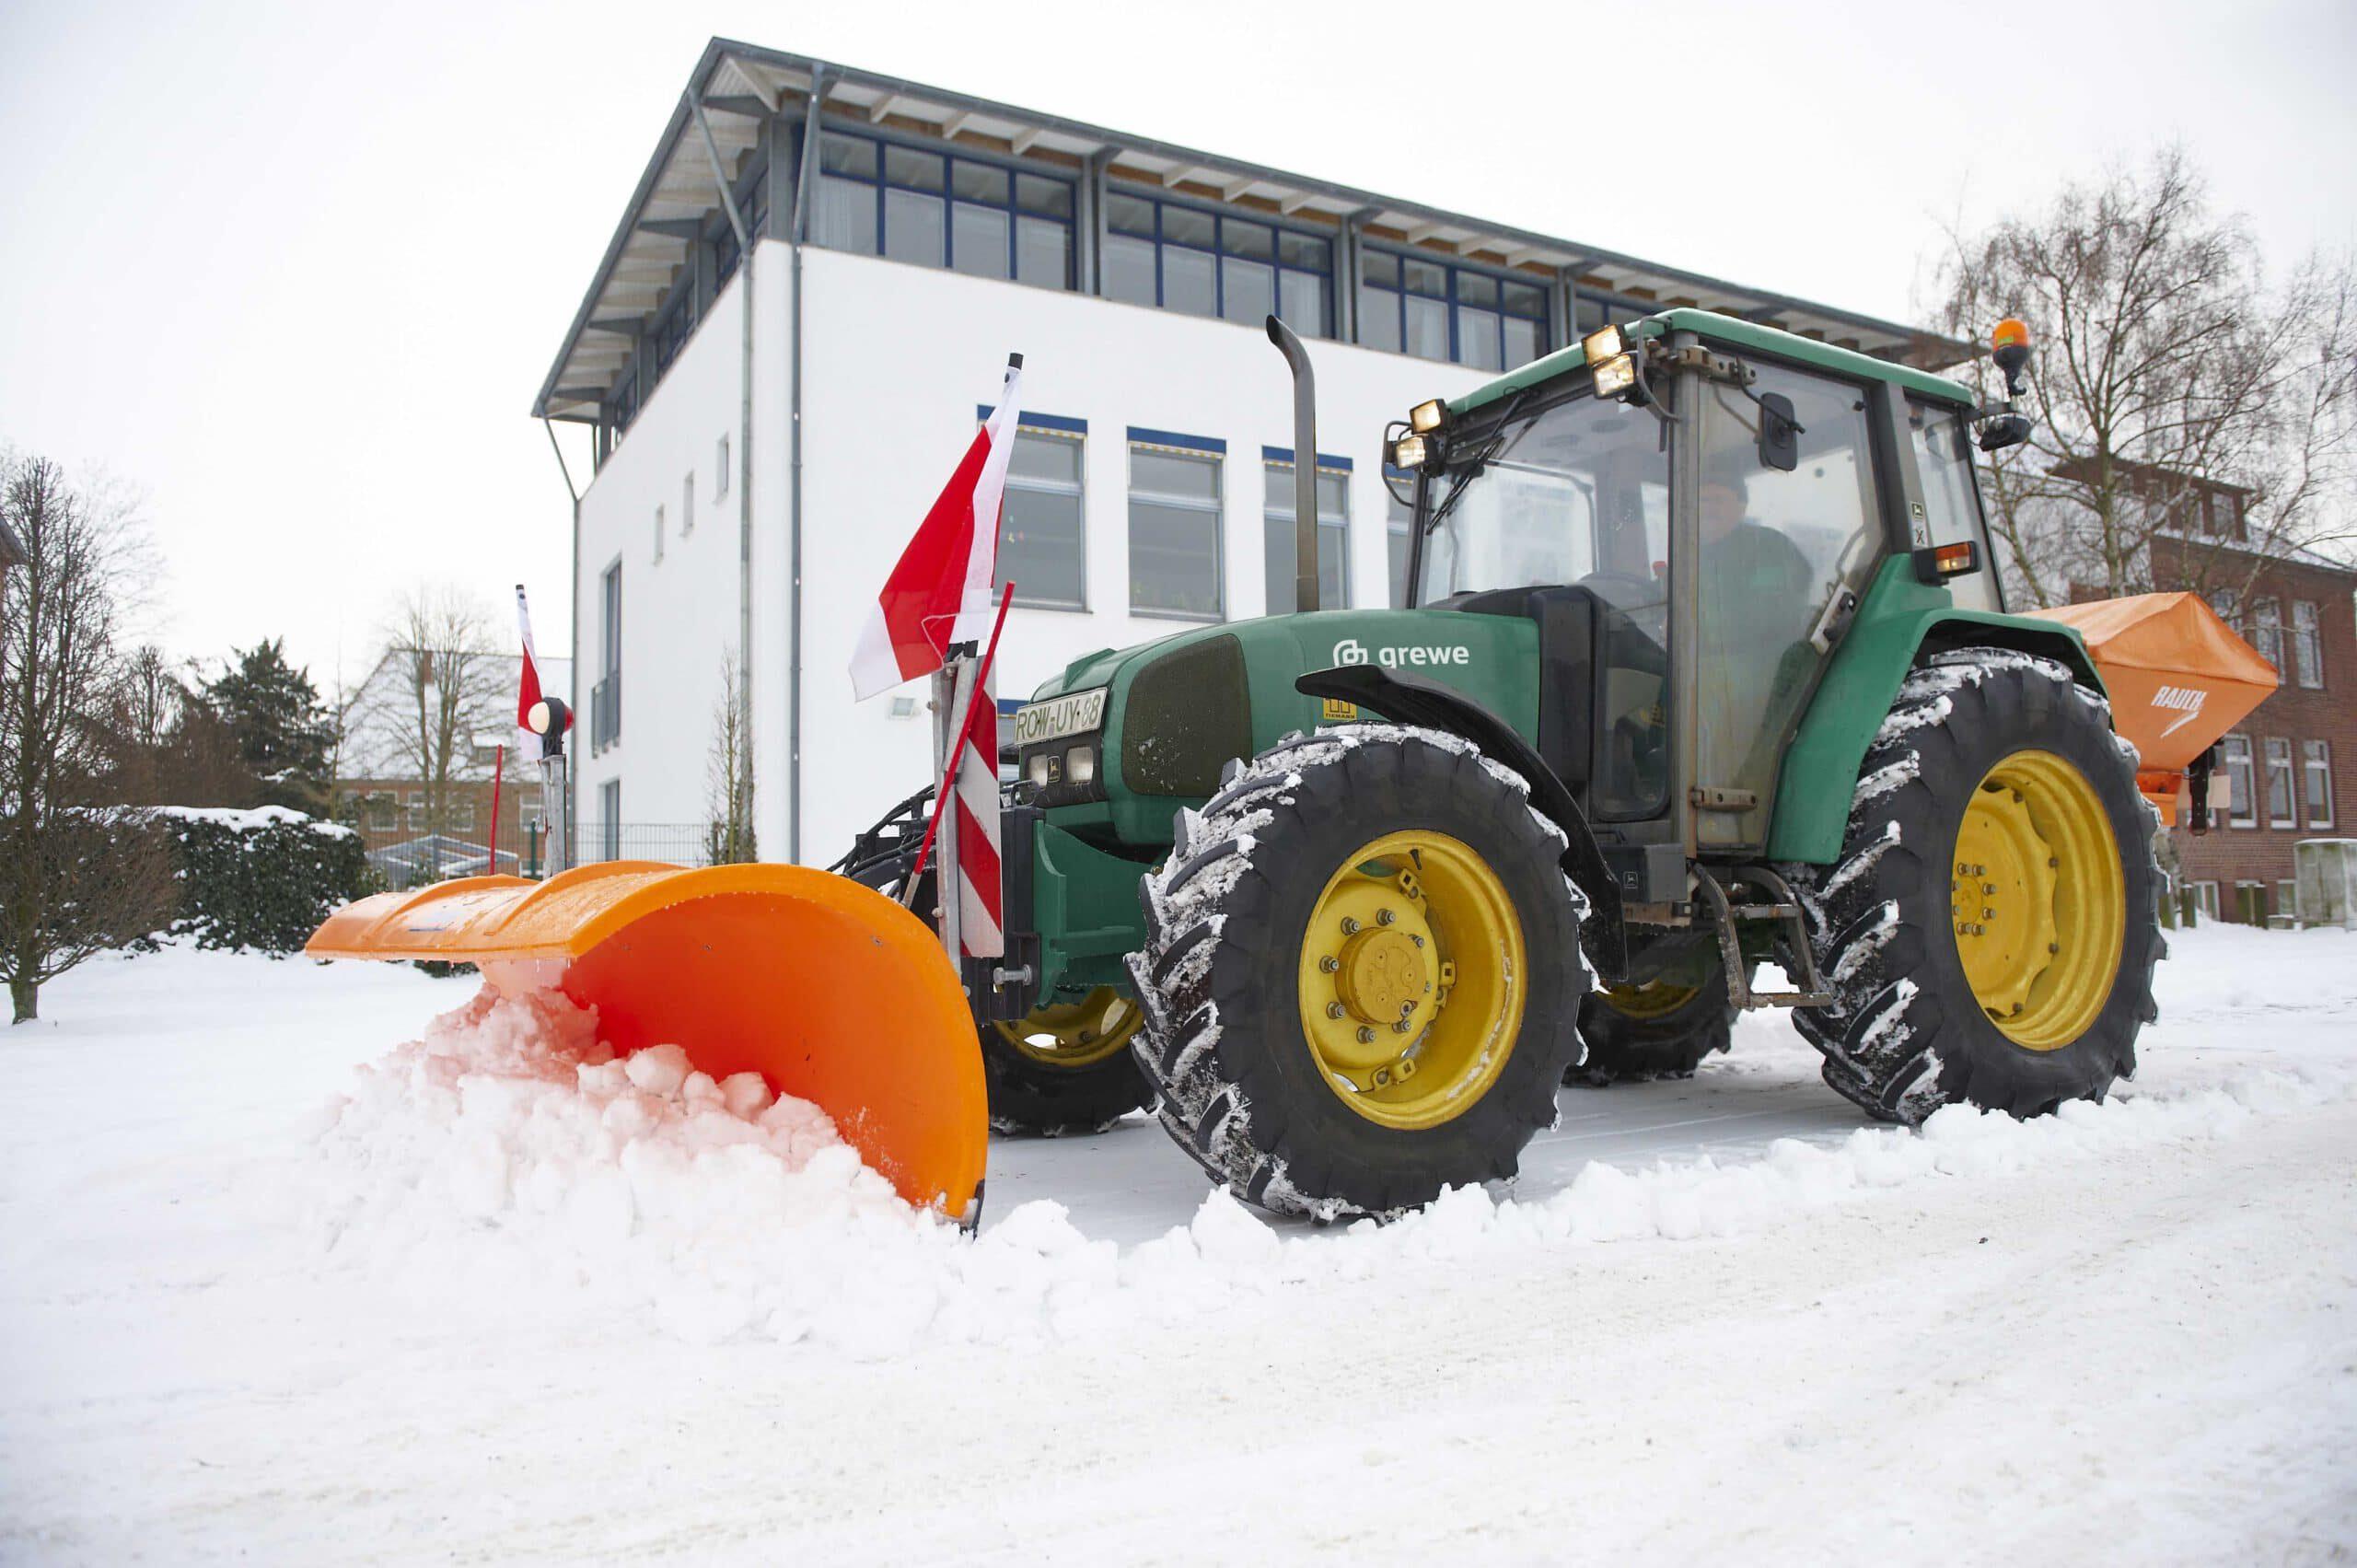 Der grewe Winterdienst im Einsatz